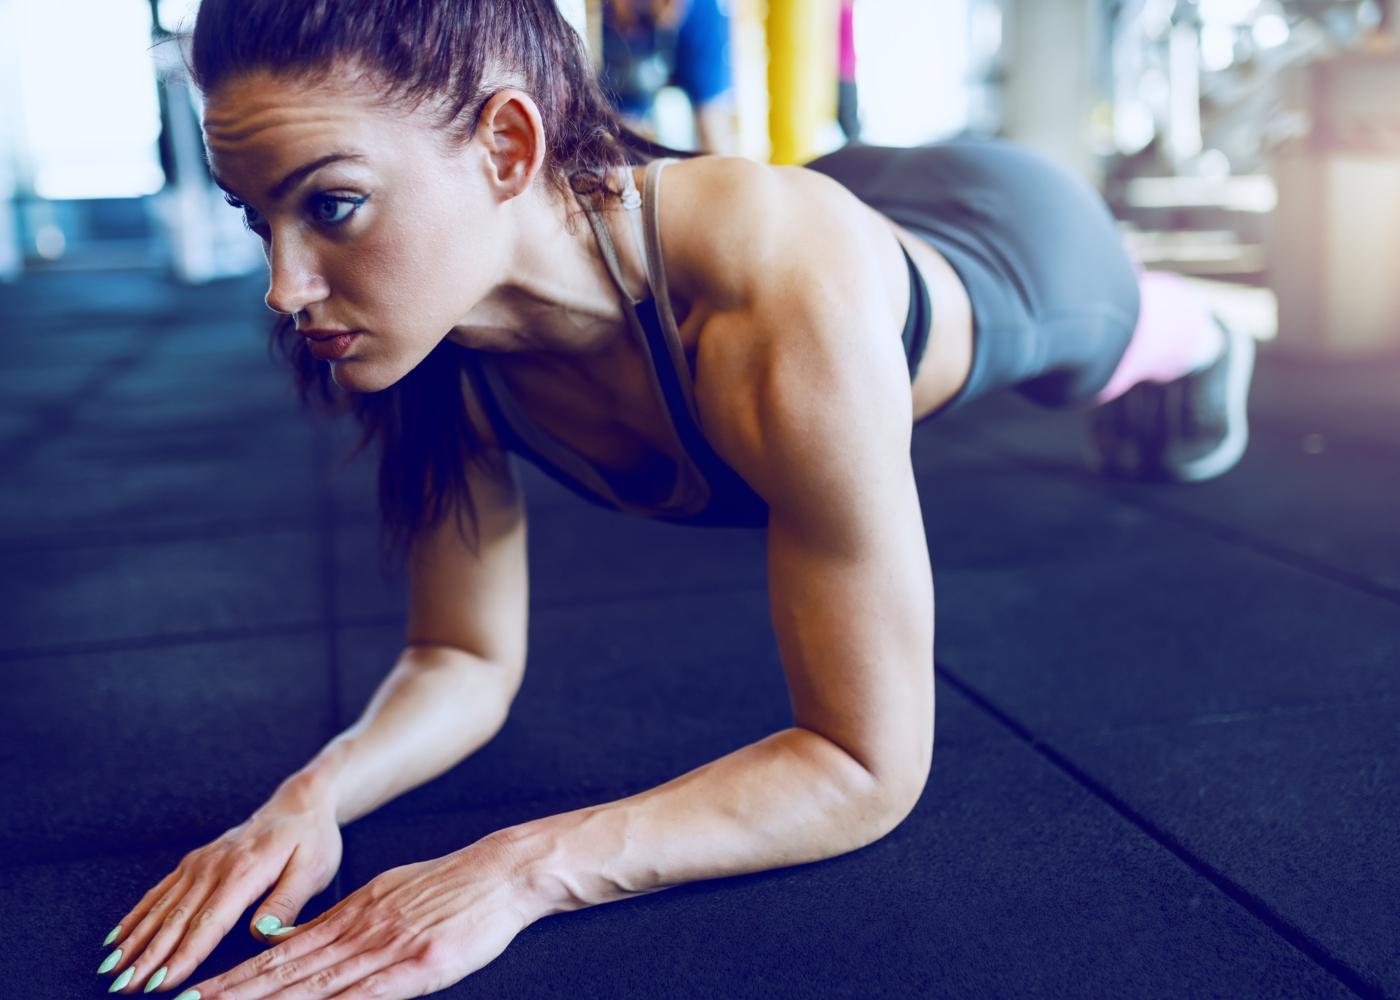 Mulher a fazer exercício de prancha abdominal